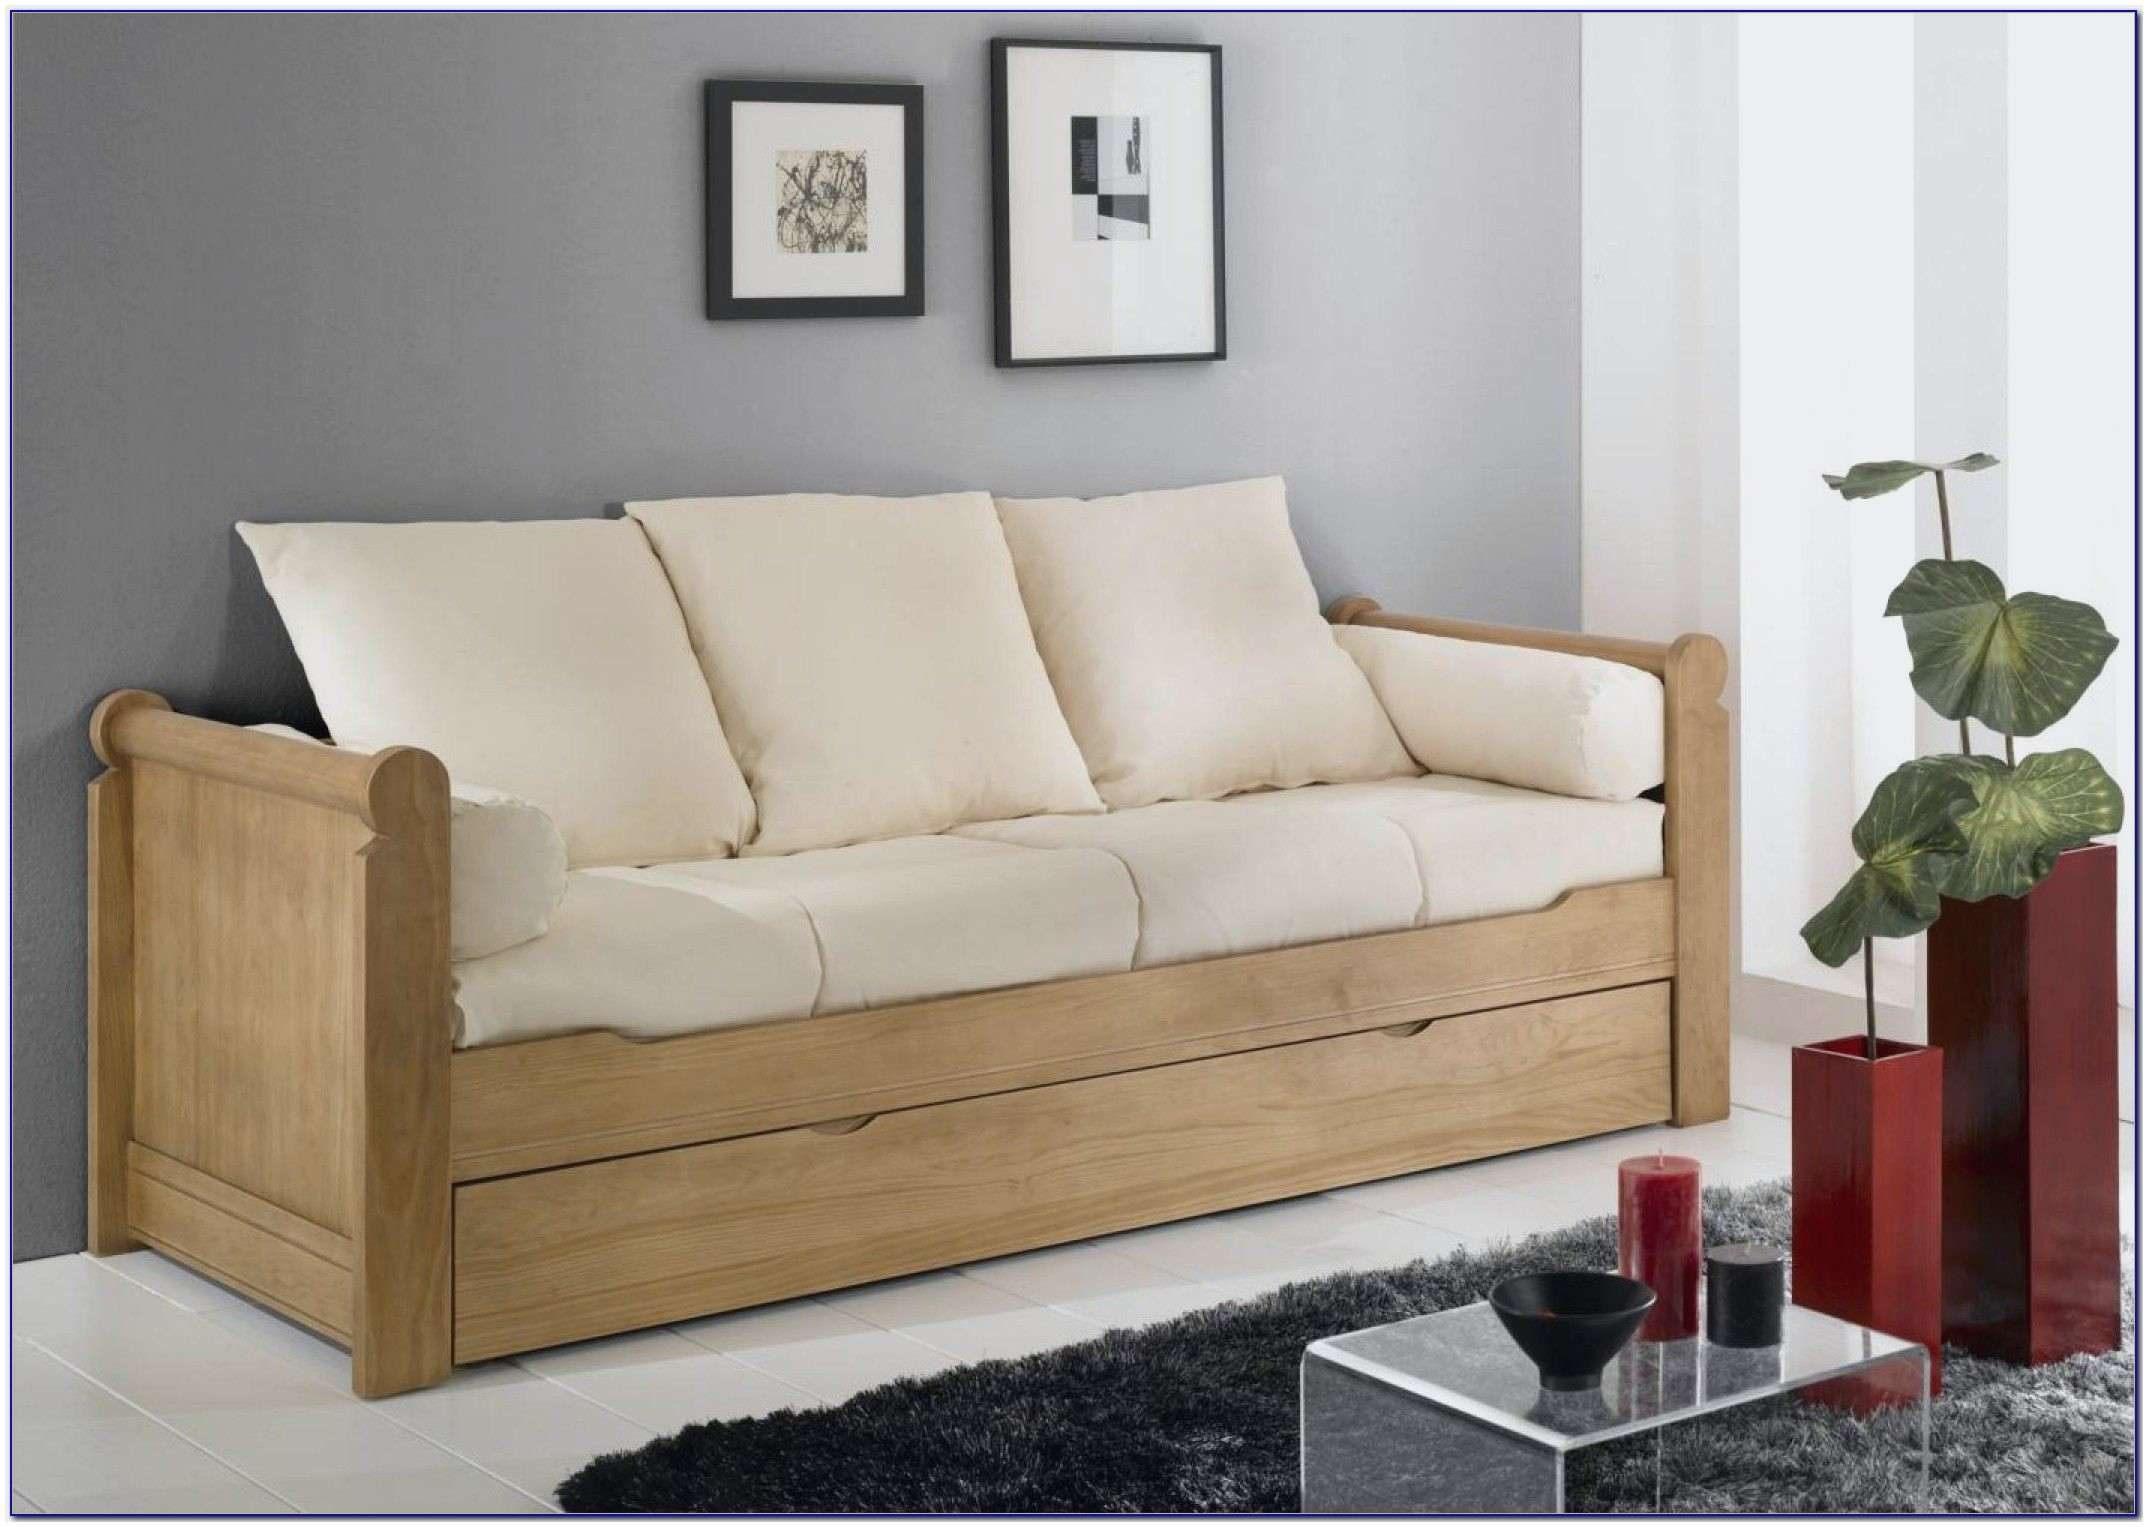 Lit Superposé 3 Places but Charmant Nouveau Luxury Canapé Lit Matelas Pour Option Canapé Convertible 2